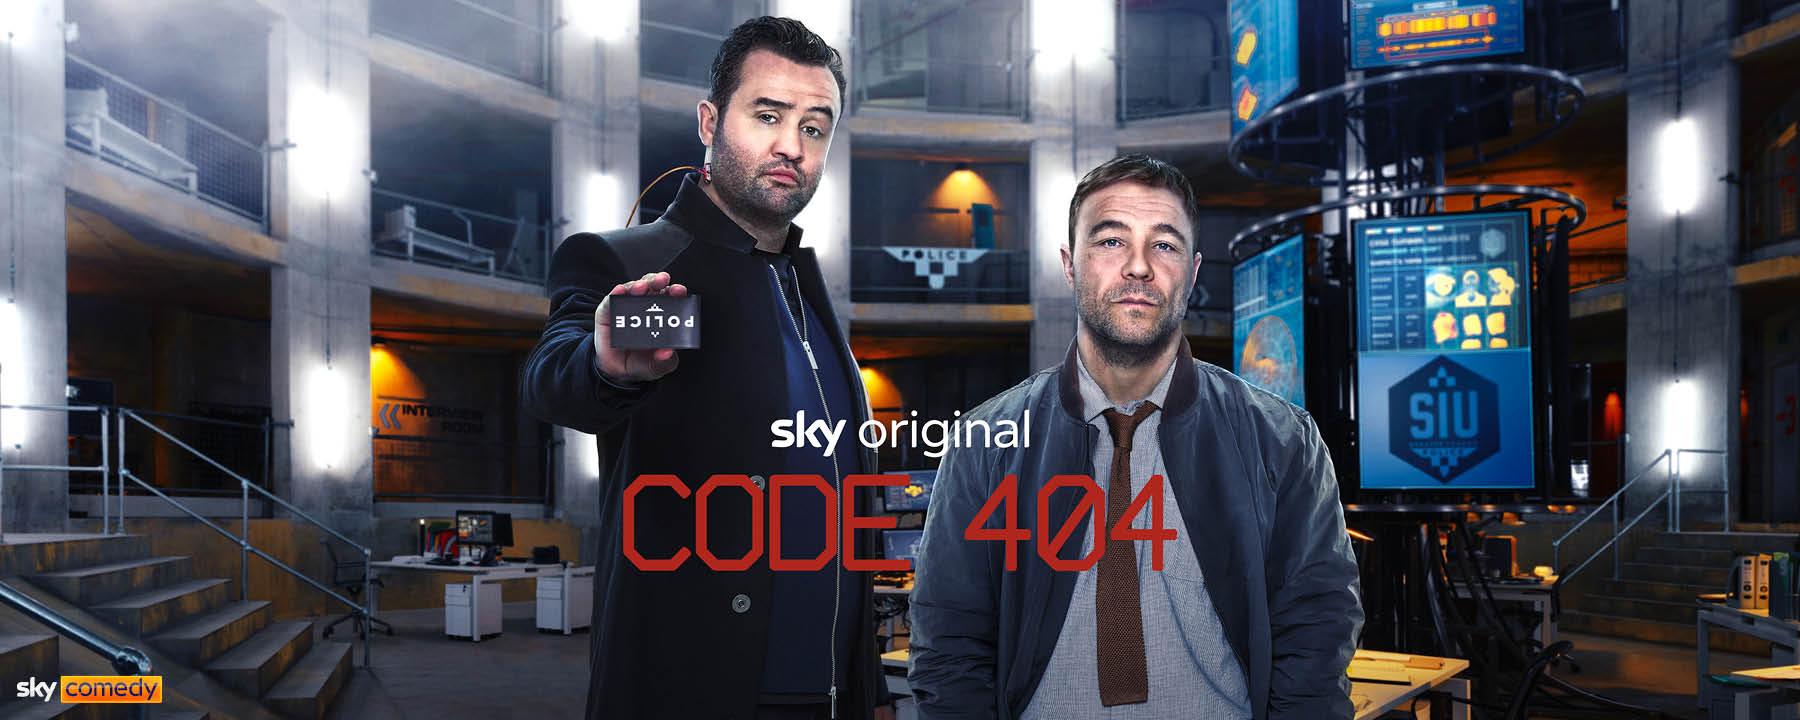 Sky X | Code 404